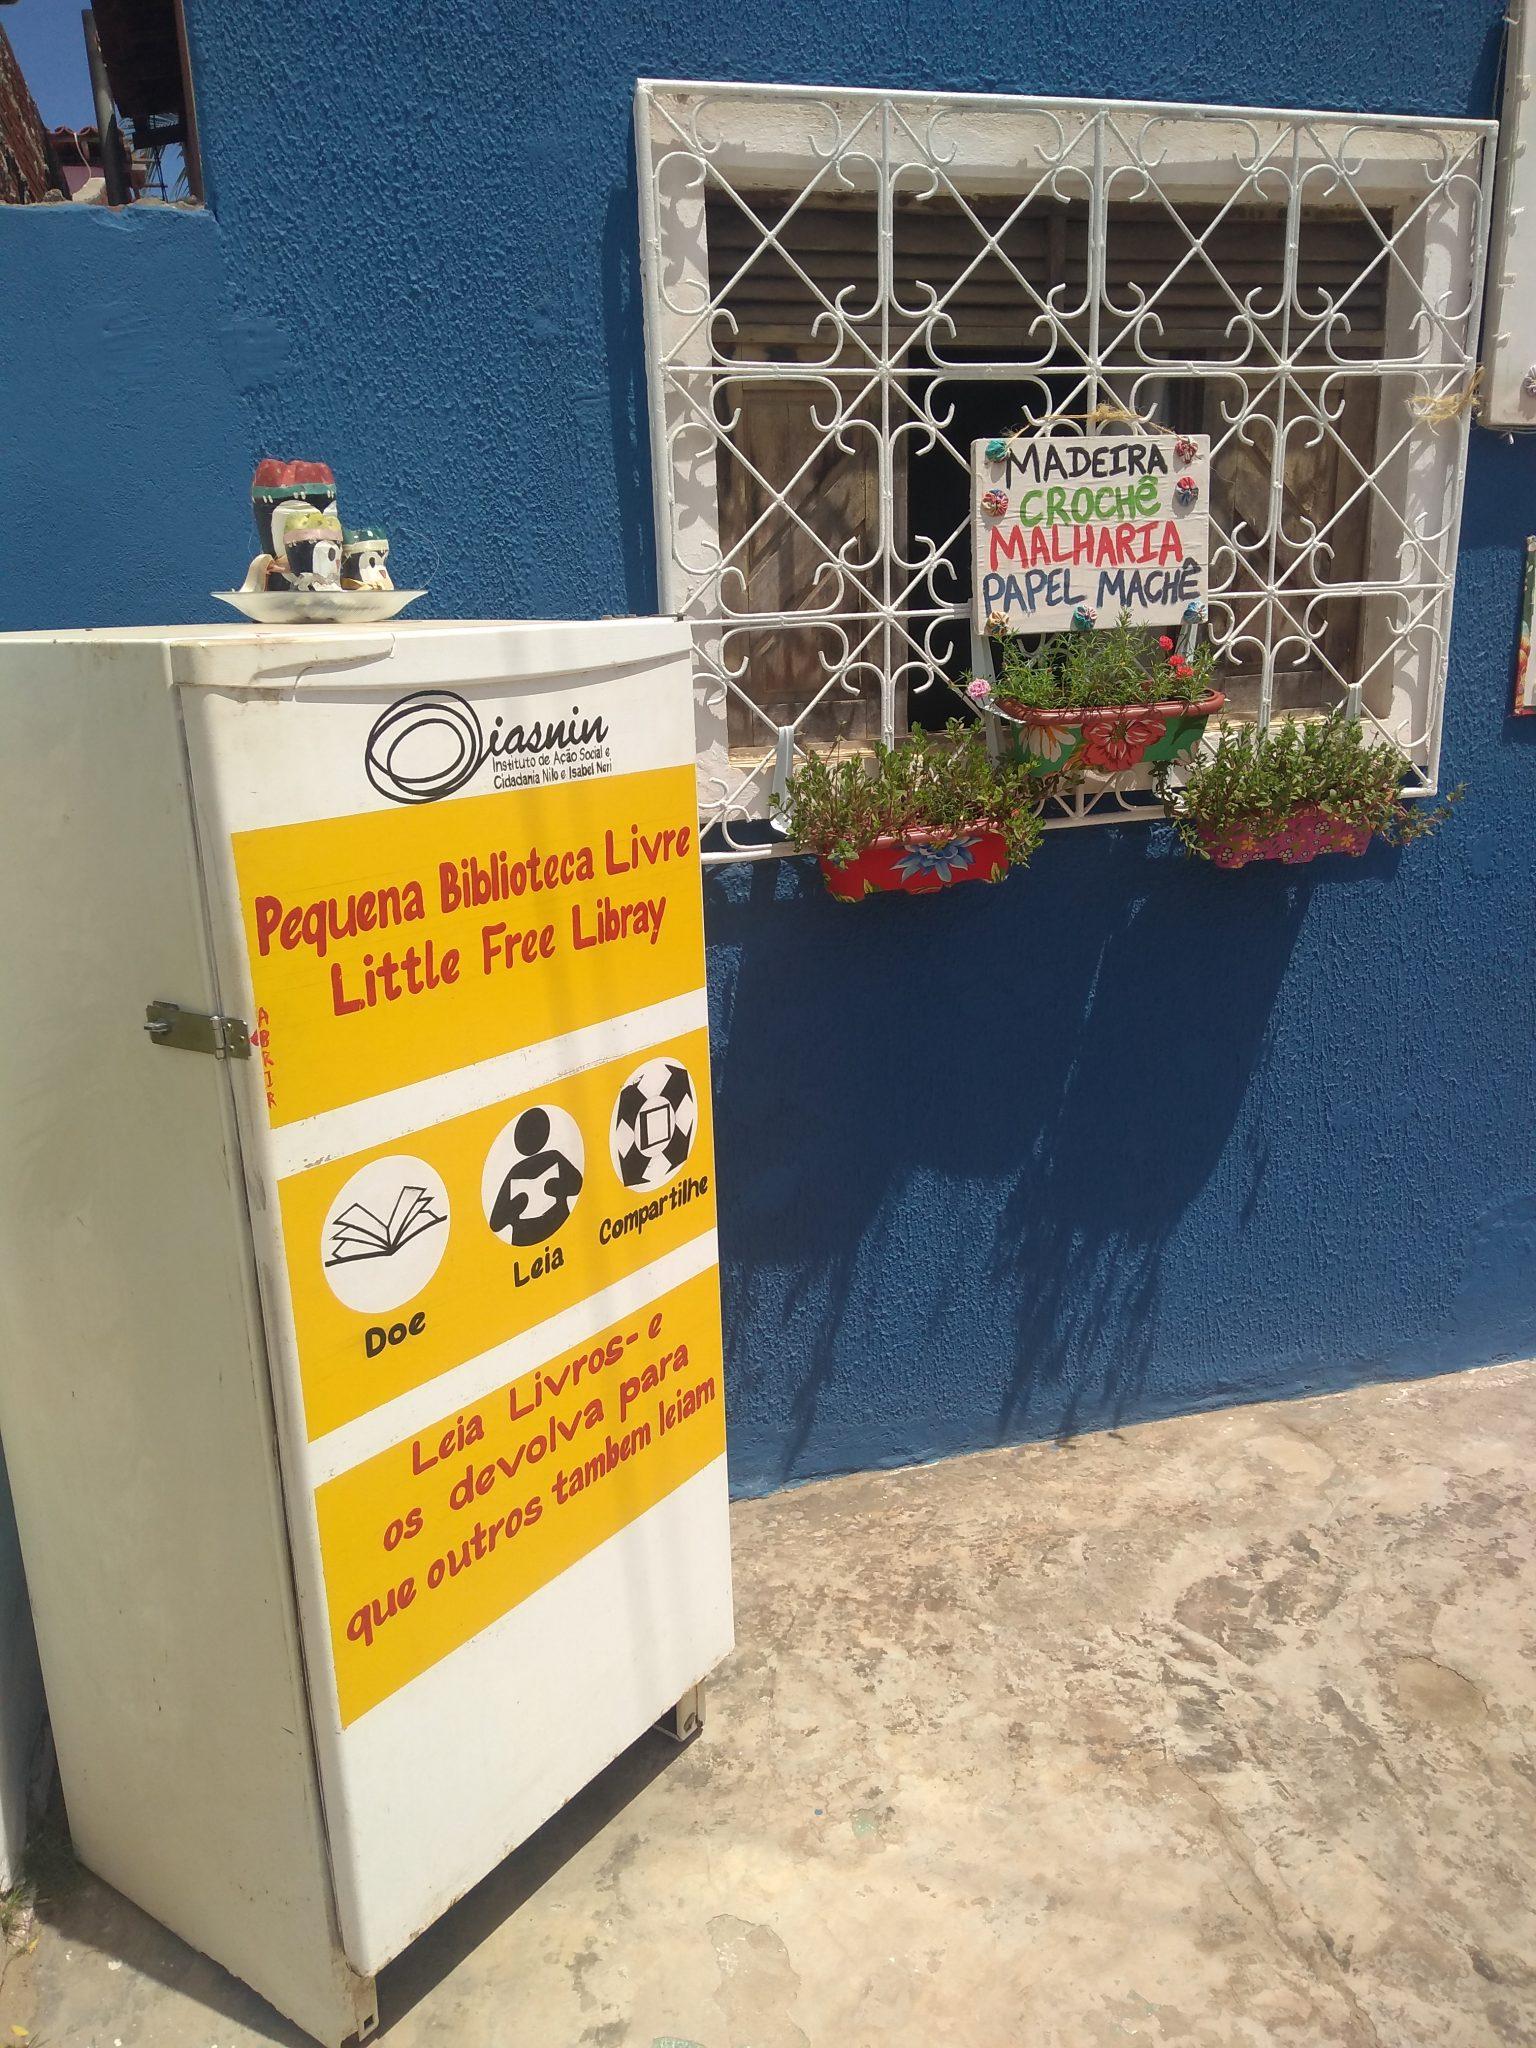 """Wie heutzutage in beinah jeder europäischen Großstadt auffindbar, gibt es sogar in dem kleinen (touristischen) Strandörtchen """"São Miguel do Gostoso"""" einen öffentlicher Bücherschrank"""